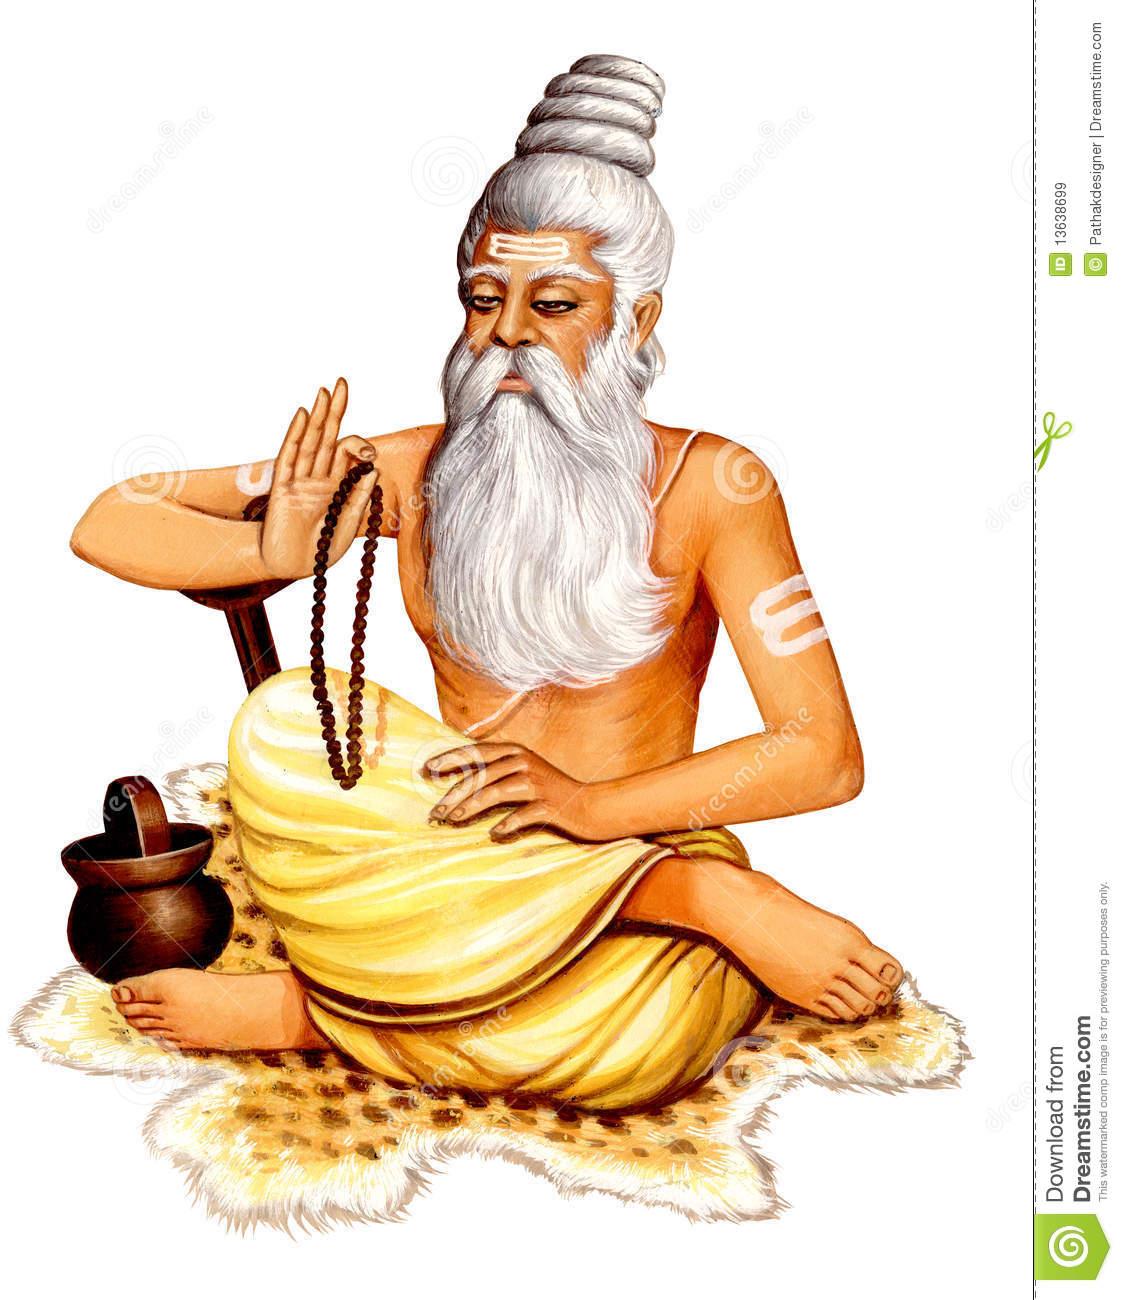 Saint clipart picture download Indian saint clipart 3 » Clipart Station picture download